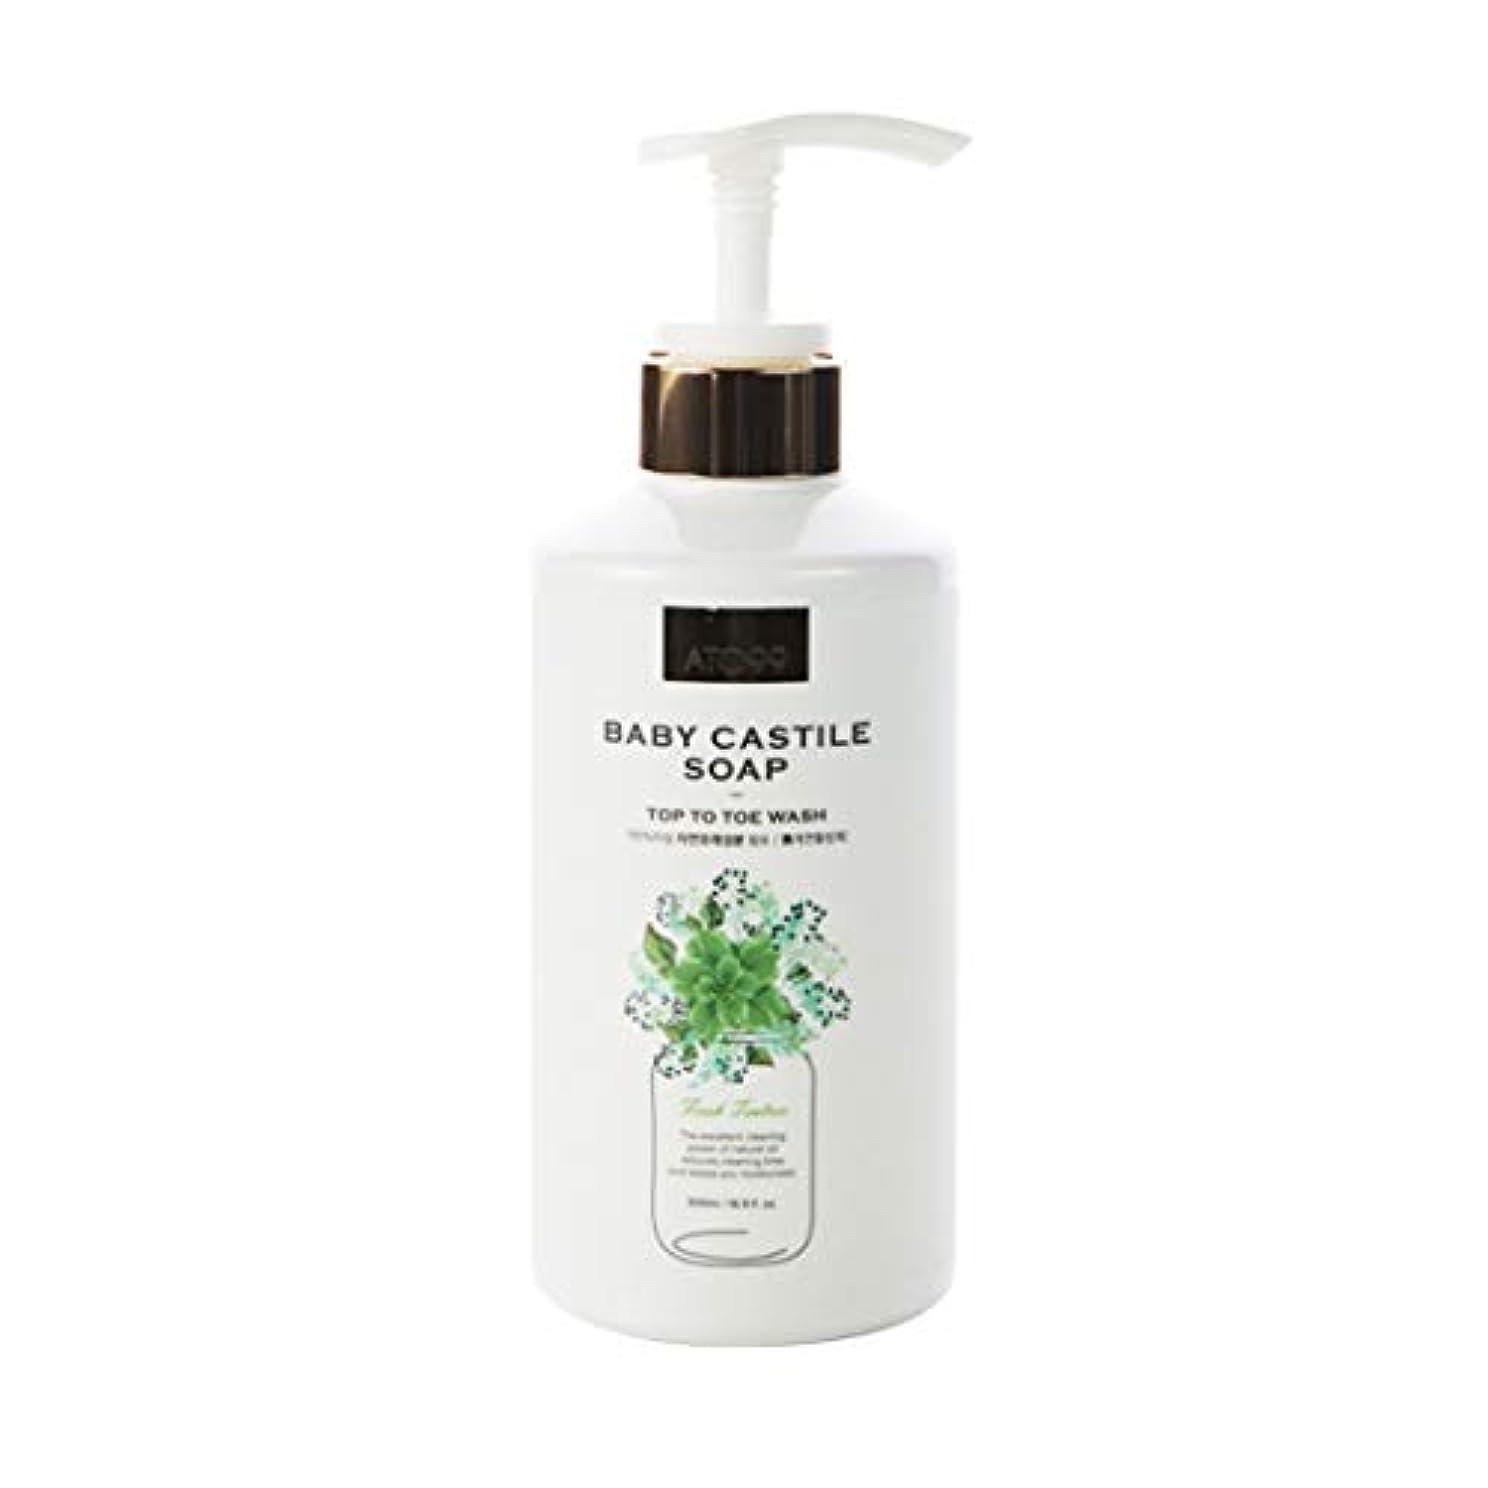 アジャコンプライアンス主張[ATO99] 赤ちゃんカスティール石鹸500ml一体となってマルチクランサー界面活性剤フリー天然成分90%以上強力な保湿乾性皮膚用すべての年齢帯使用可能 (Cypress)